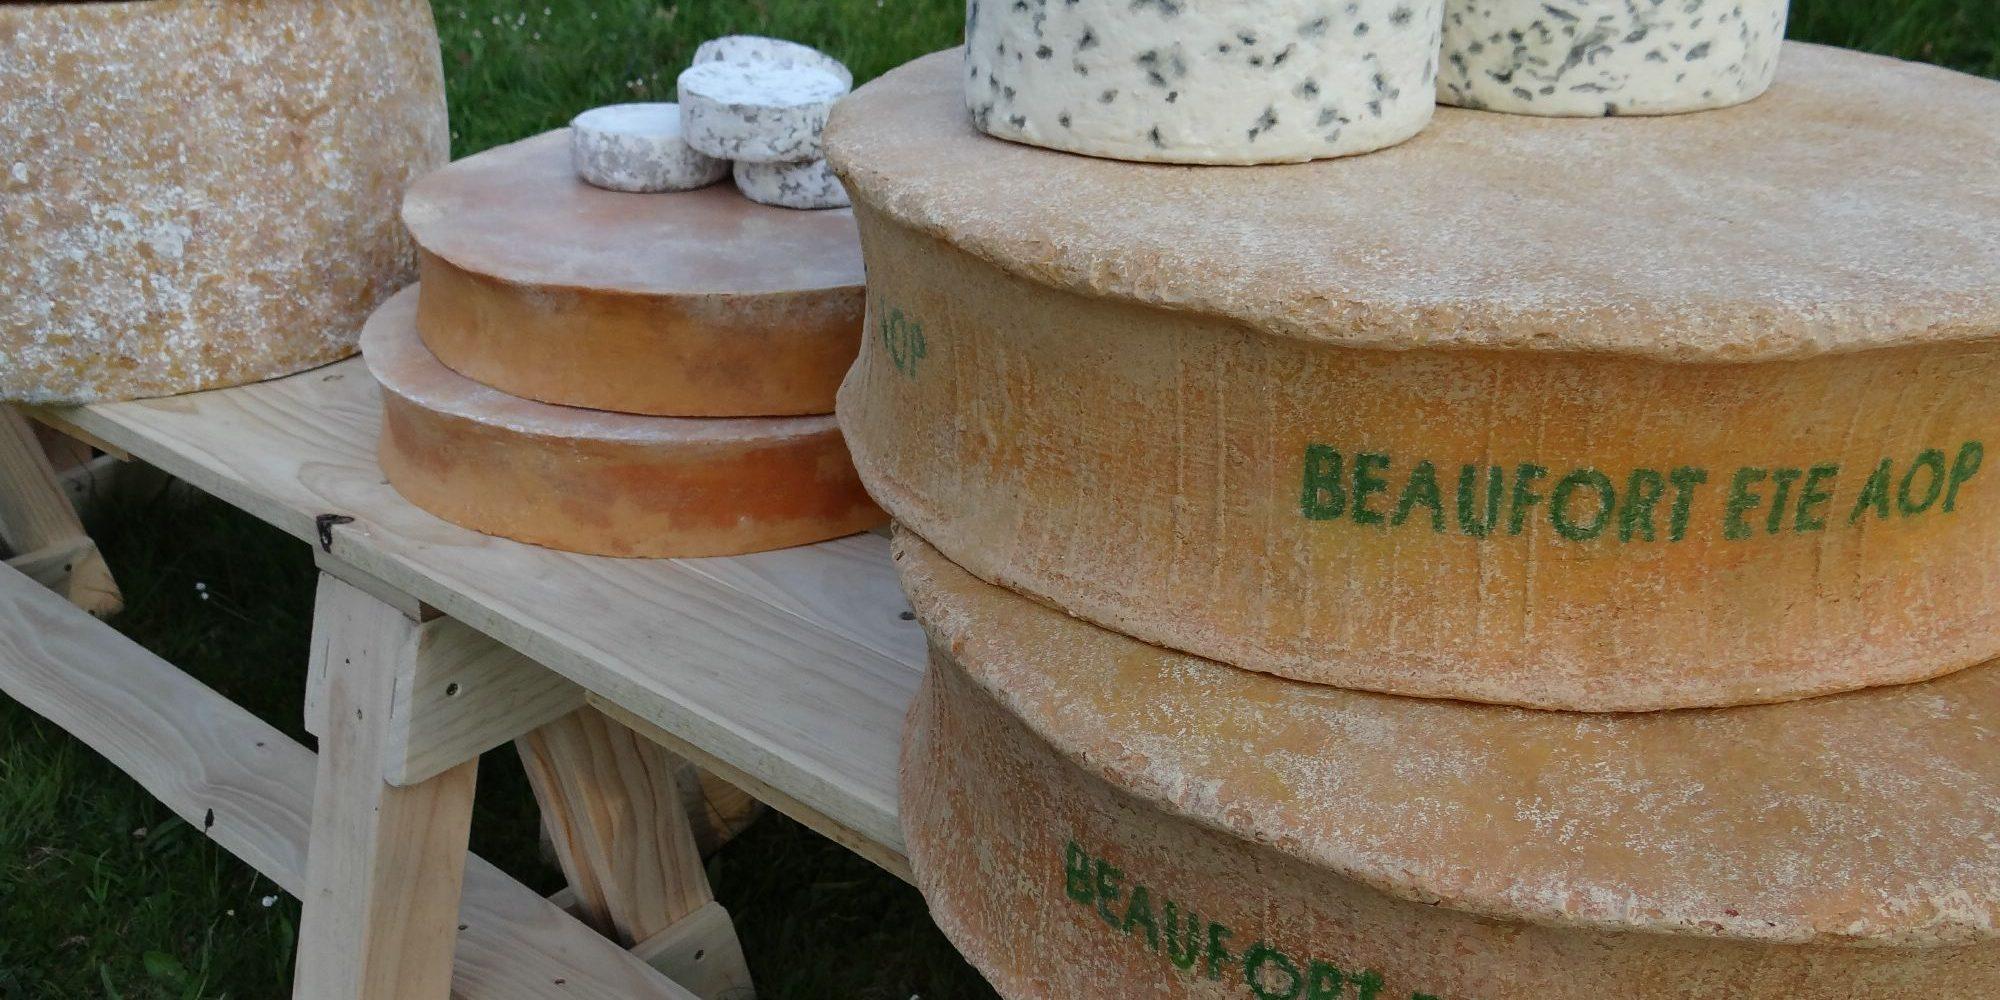 assortiment de fromages factices réalisés en résine par l'Atelier Cobalt Fx pour le Pavillon de la France à L'exposition universelle de Milan